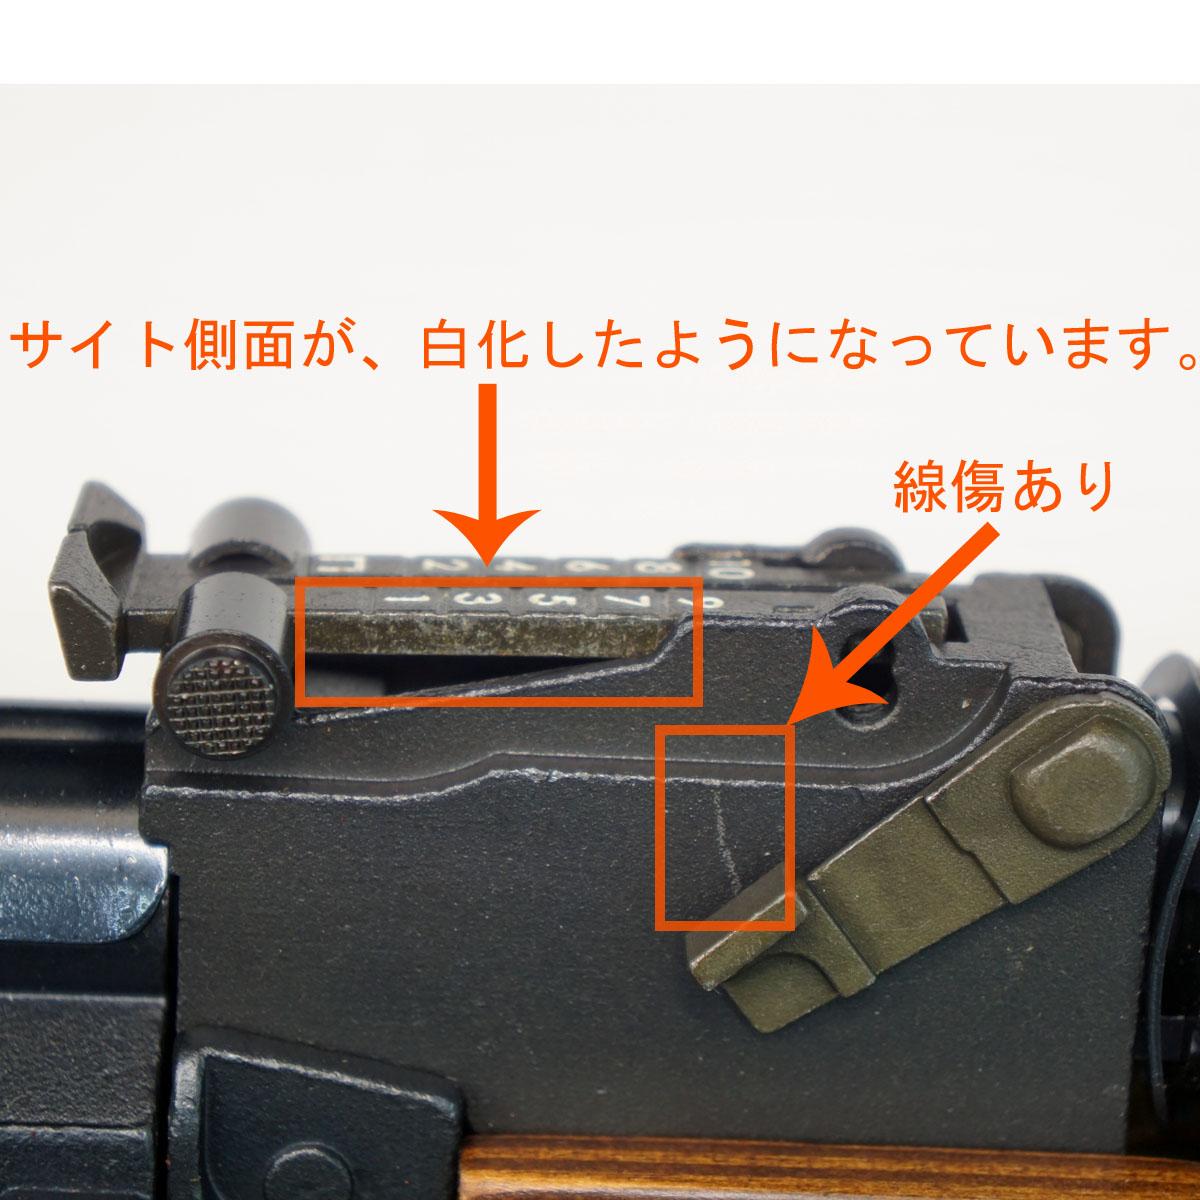 BOLT 電動ガン AKM B.R.S.S. HAMMER *日本仕様/日本限定TULA刻印入りモデル 【品番:BR-39】